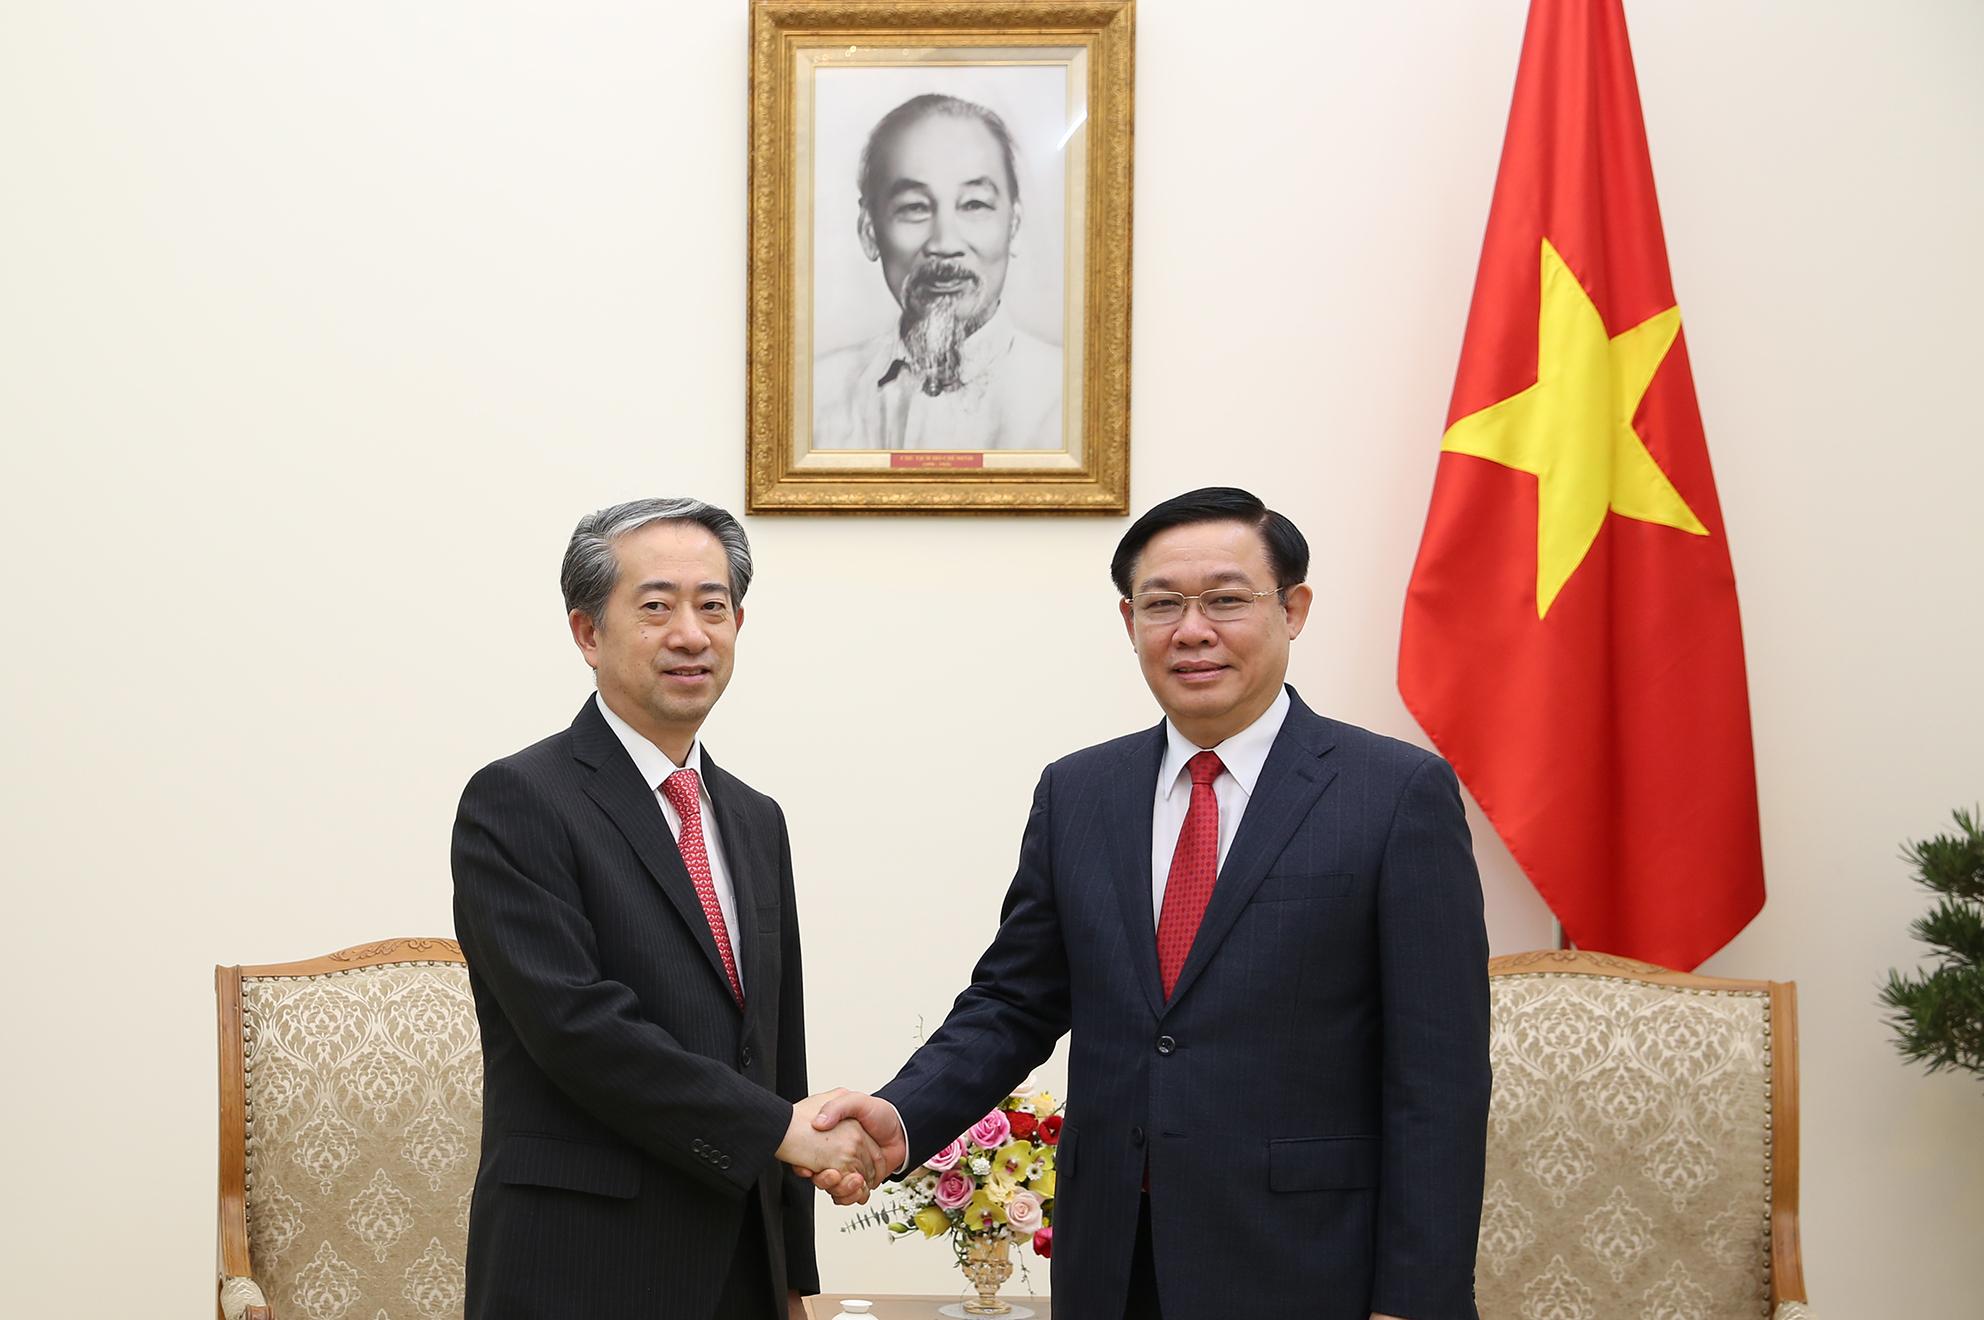 Phó Thủ tướng Vương Đình Huệ tiếp Đại sứ Đặc mệnh toàn quyền Cộng hòa Nhân dân Trung Hoa